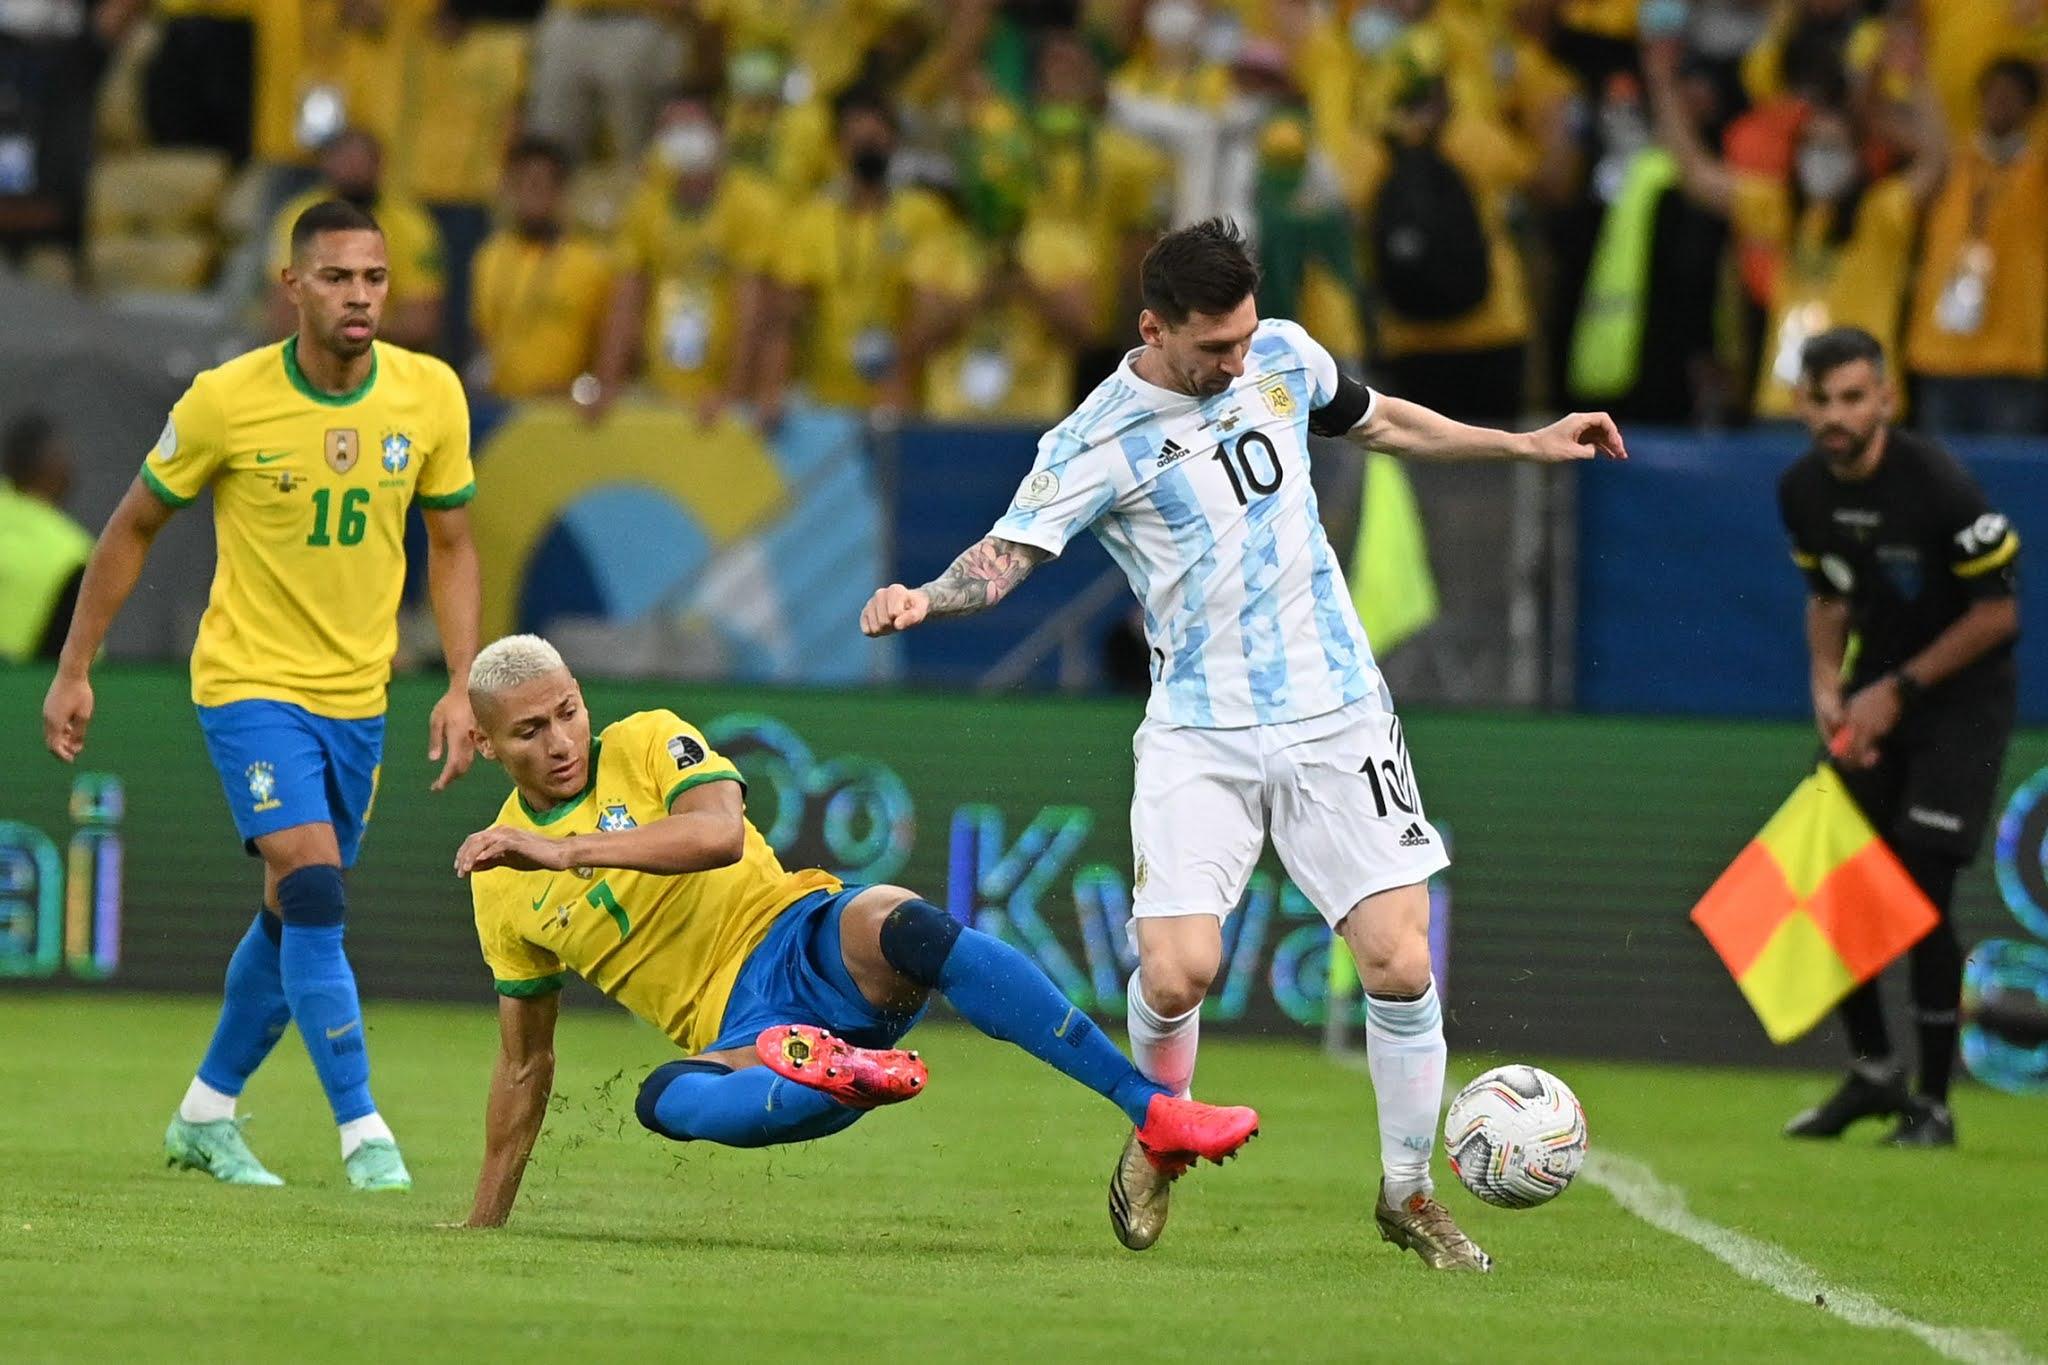 GALERIA DE FOTOS: Las mejores imágenes de Argentina campeón de la Copa América 2021